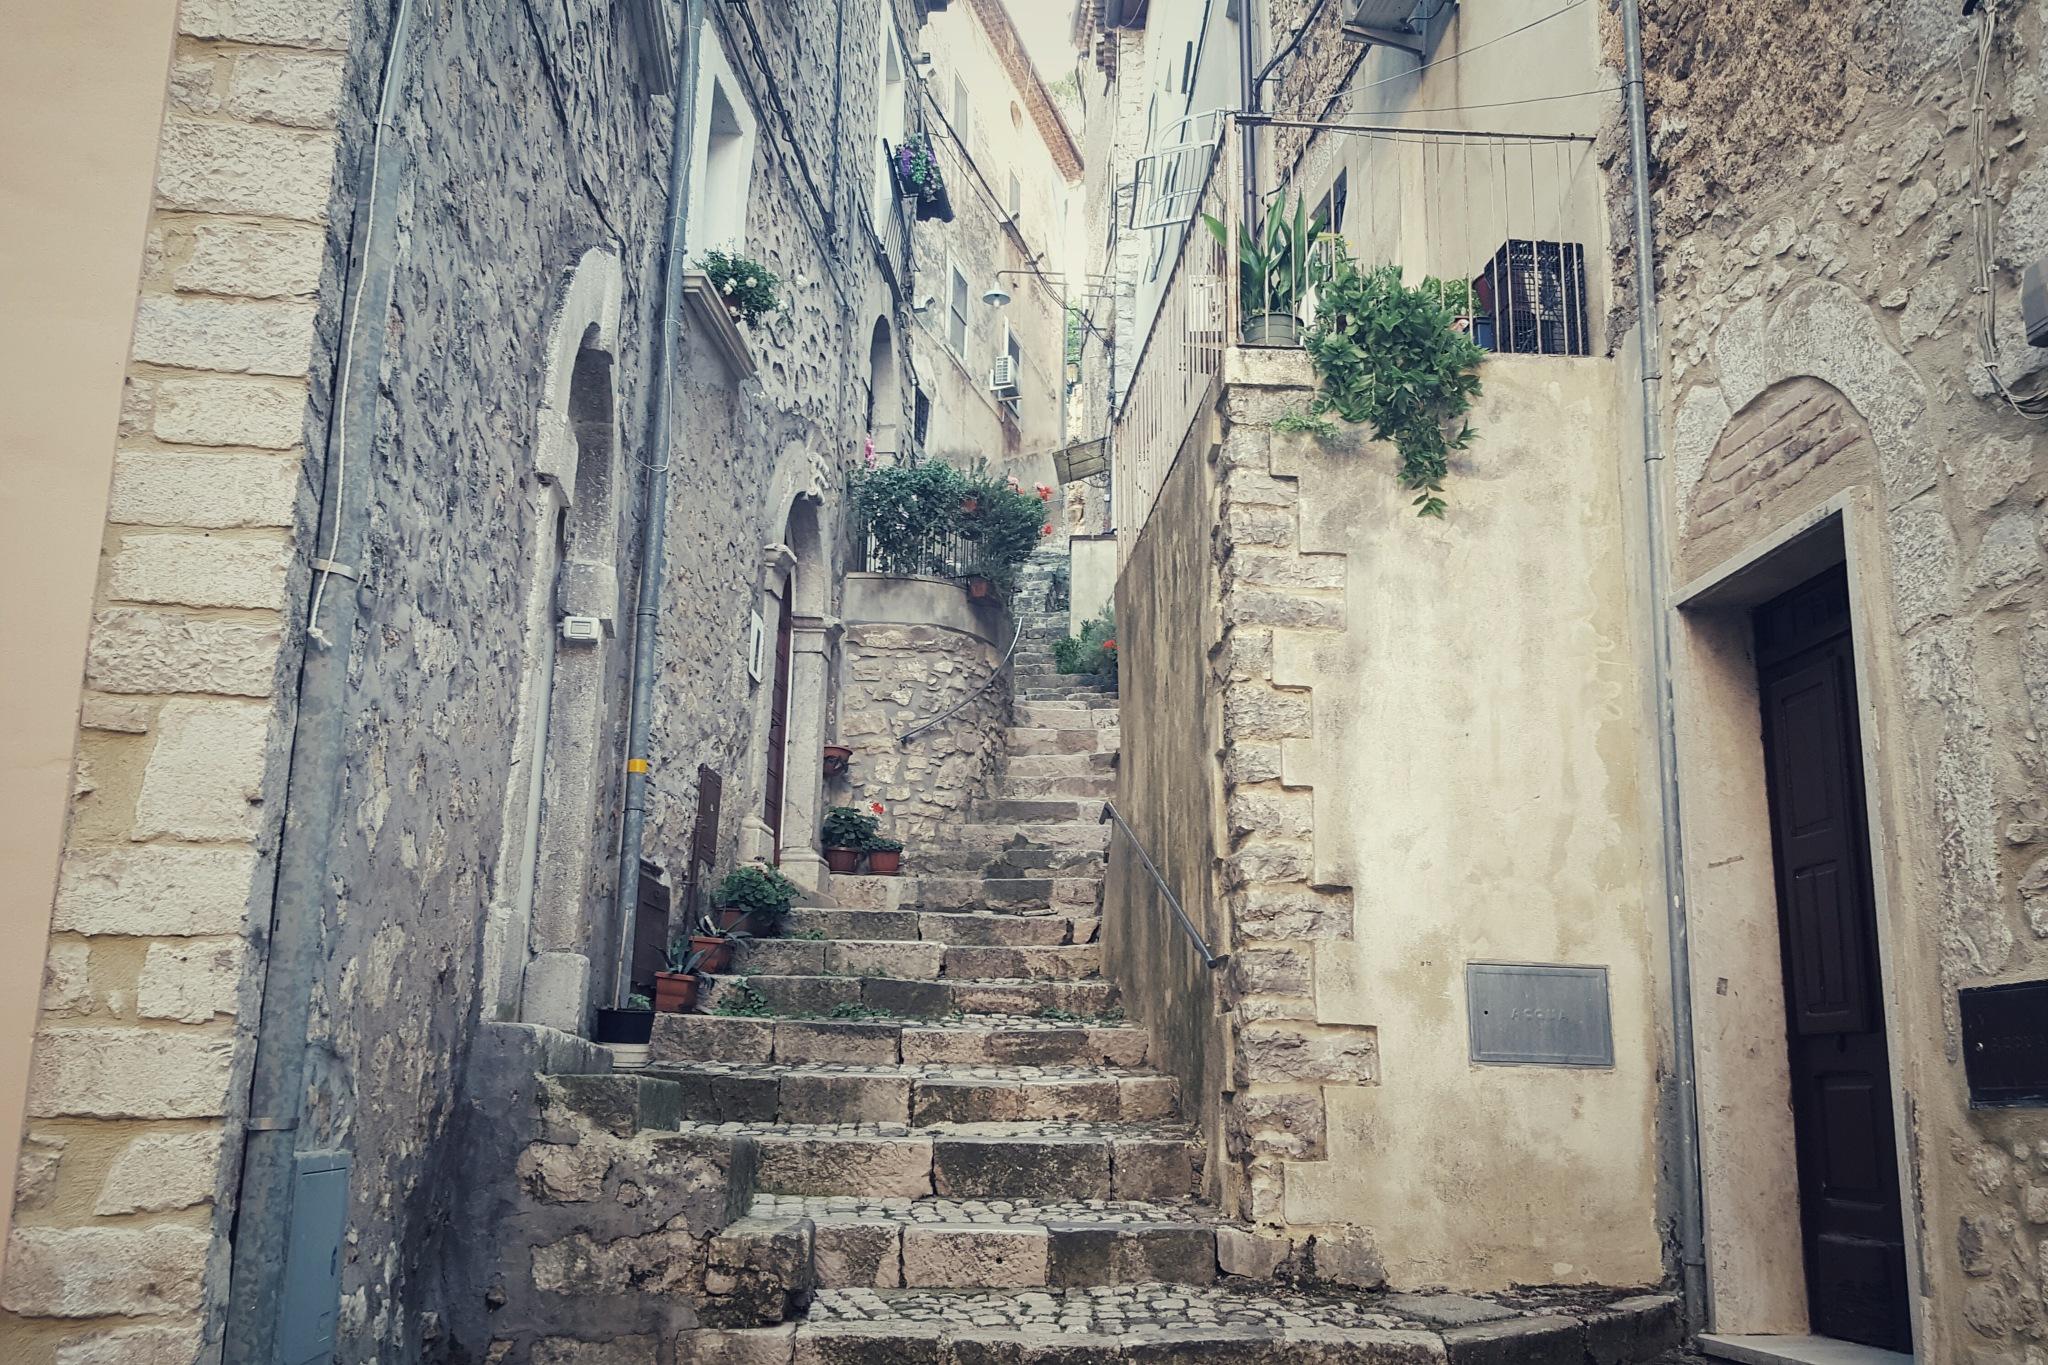 La Rua by Sergio Cavaliere